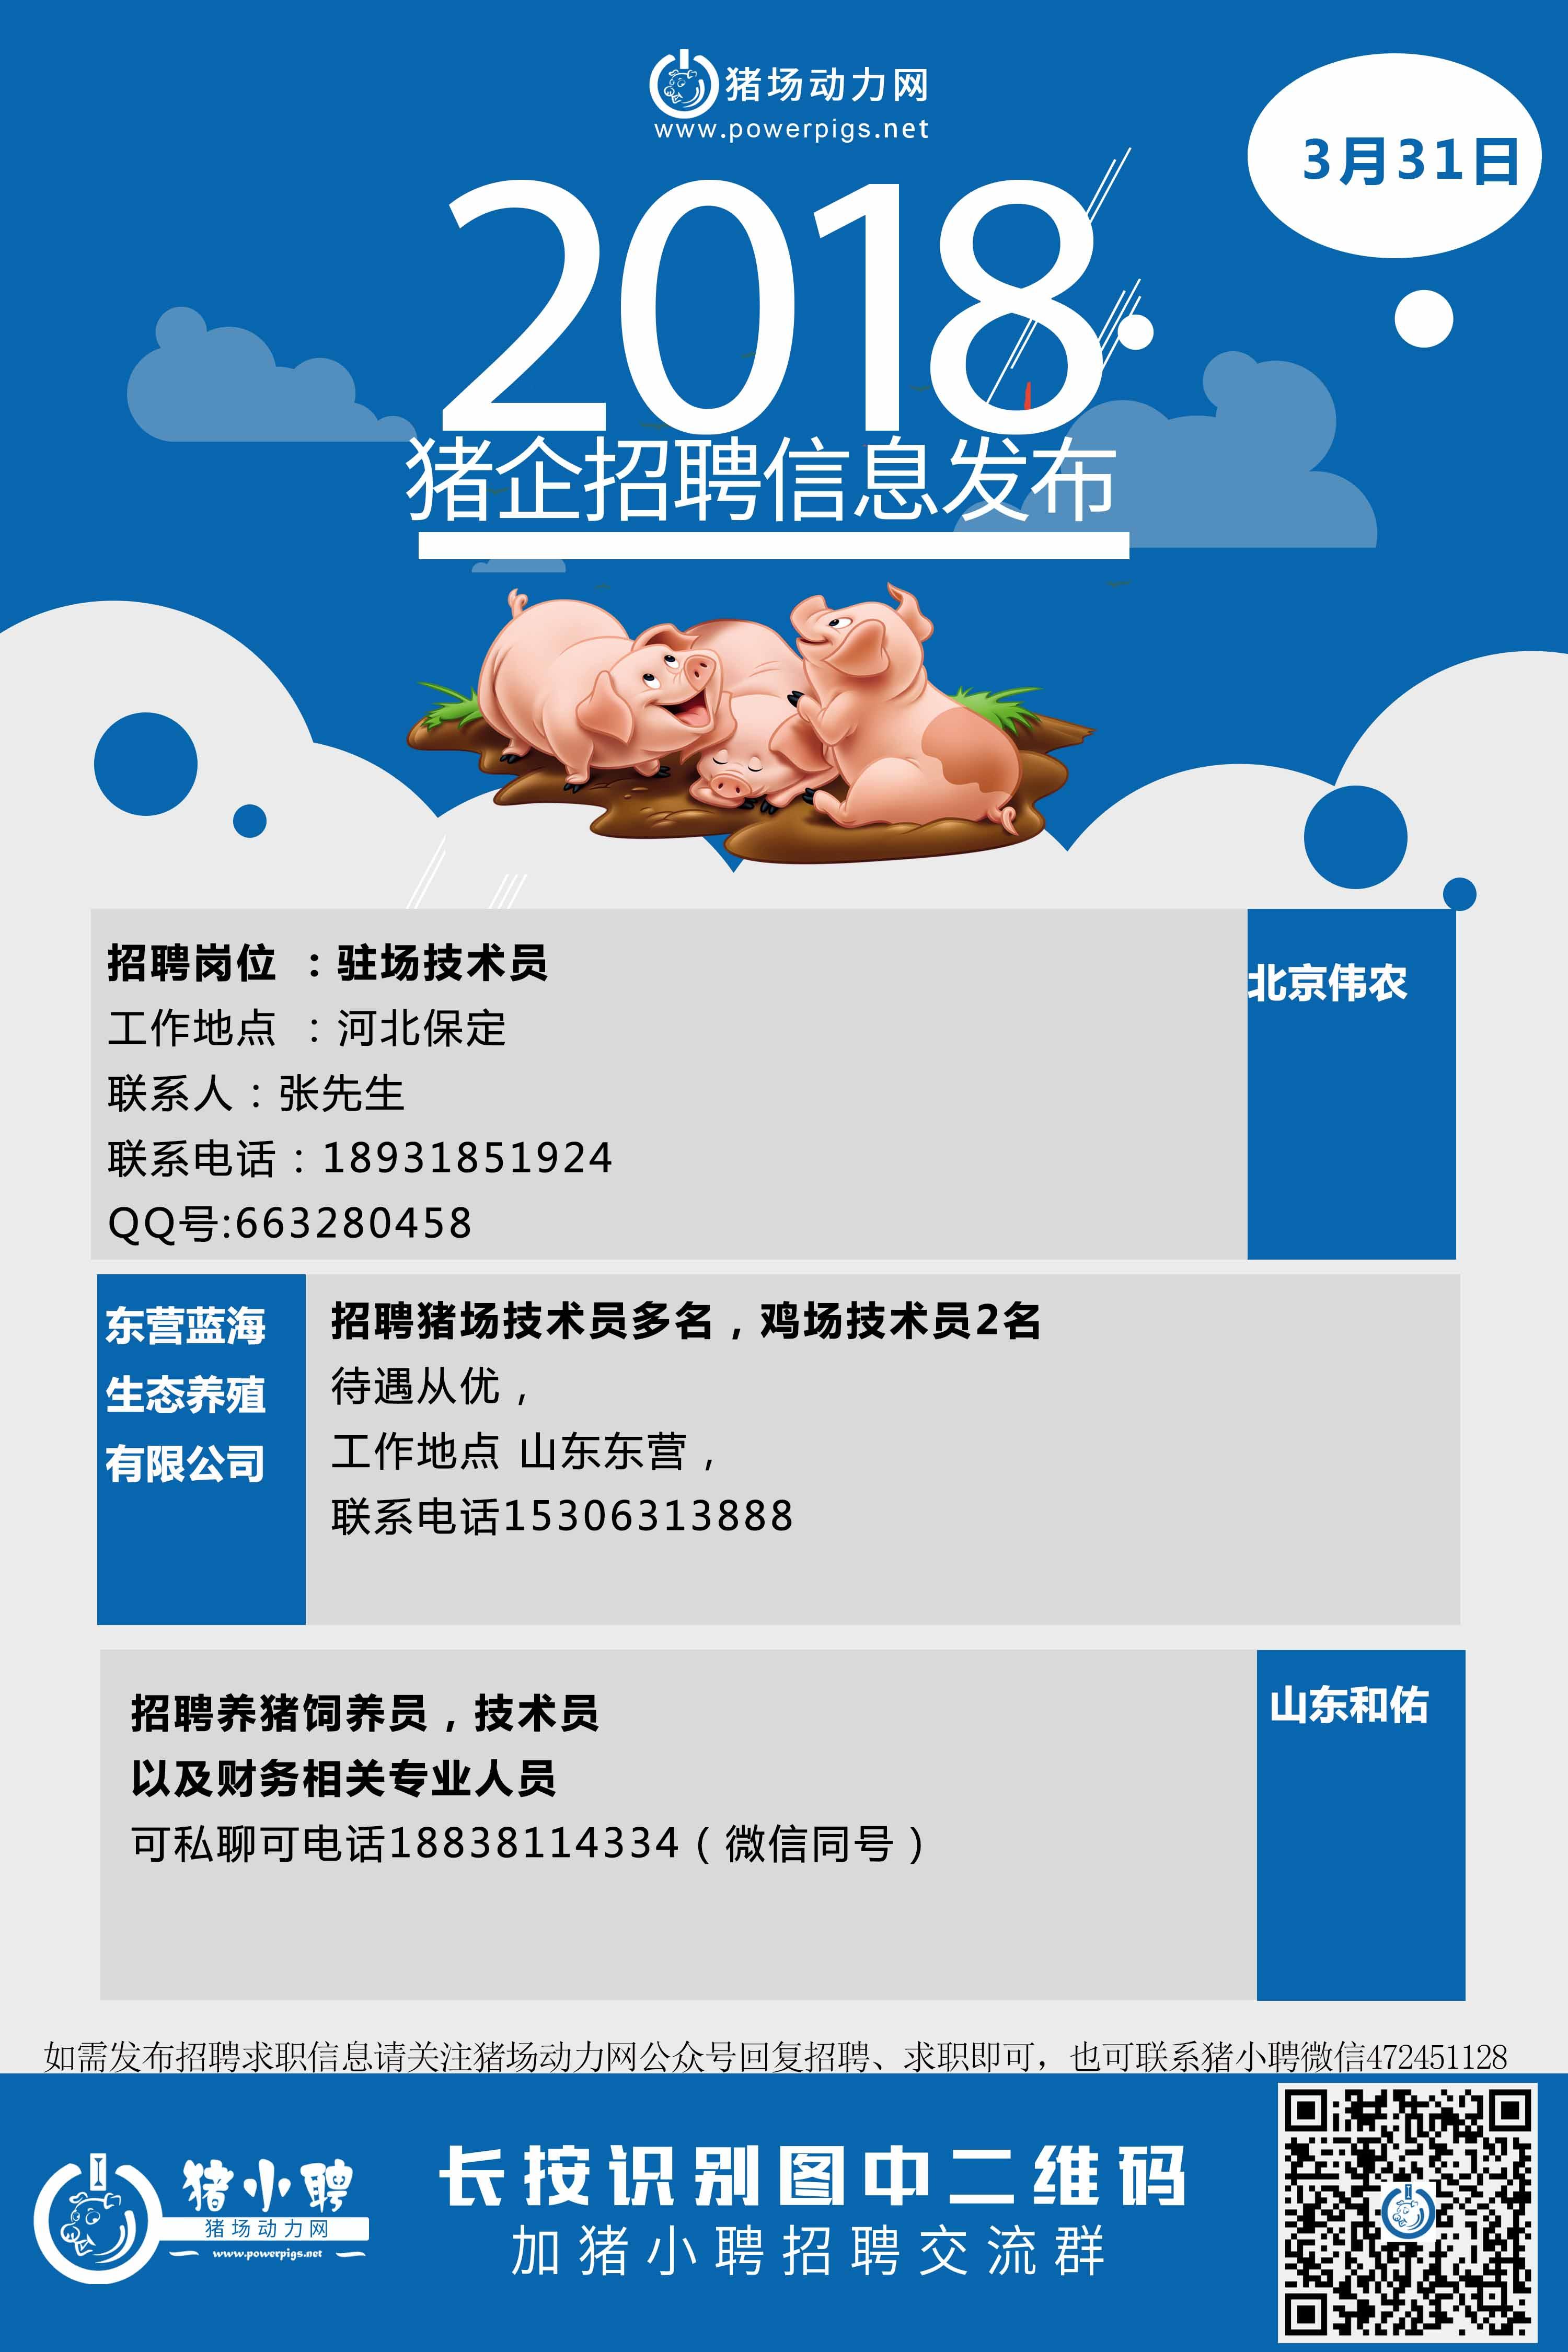 3.31日猪场招聘.jpg